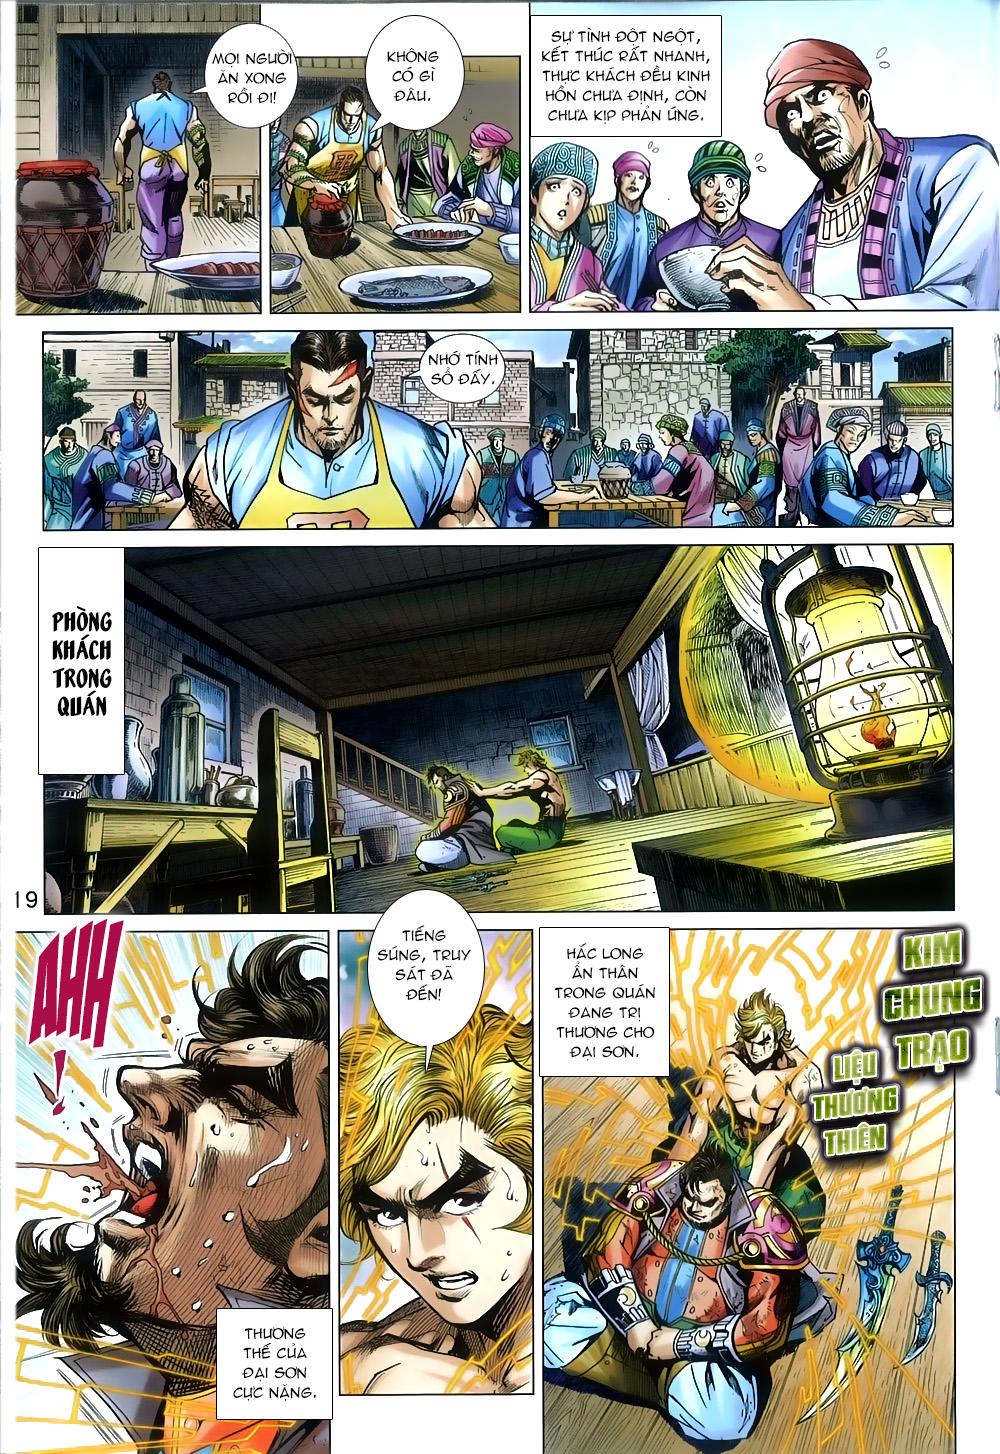 Tân Tác Long Hổ Môn chap 812 Trang 19 - Mangak.info